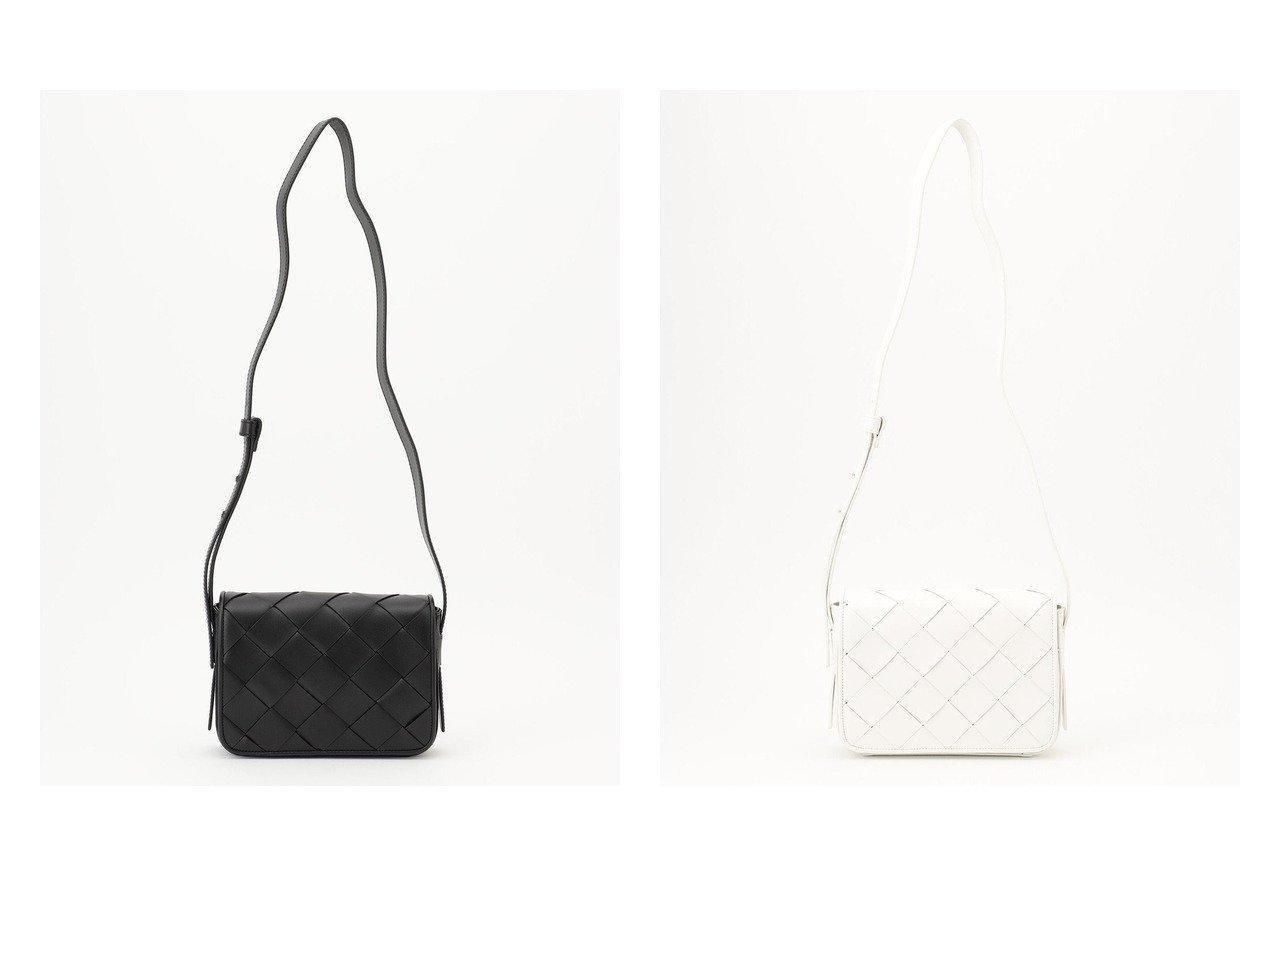 【iCB/アイシービー】のメッシュショルダーバッグ 【バッグ・鞄】おすすめ!人気、トレンド・レディースファッションの通販   おすすめで人気の流行・トレンド、ファッションの通販商品 インテリア・家具・メンズファッション・キッズファッション・レディースファッション・服の通販 founy(ファニー) https://founy.com/ ファッション Fashion レディースファッション WOMEN バッグ Bag 送料無料 Free Shipping 2021年 2021 2021-2022秋冬・A/W AW・Autumn/Winter・FW・Fall-Winter・2021-2022 A/W・秋冬 AW・Autumn/Winter・FW・Fall-Winter シンプル トレンド フラップ ポシェット メッシュ |ID:crp329100000064850